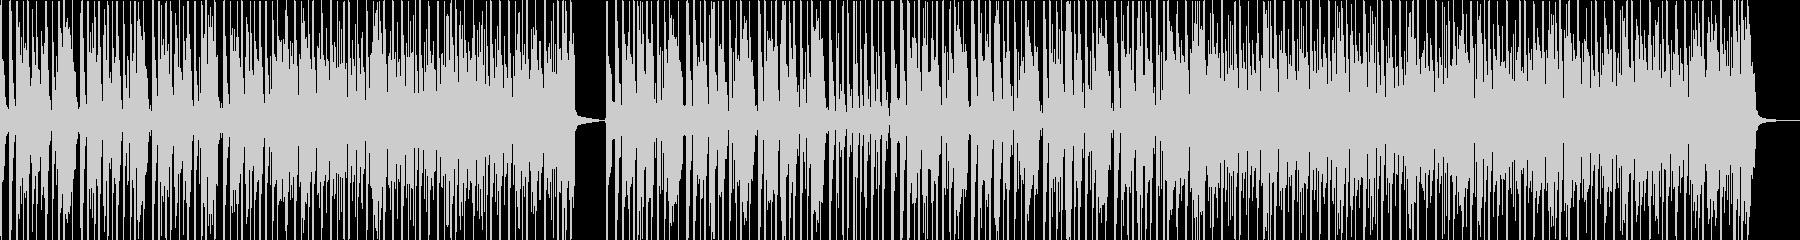 軽快なサイケ・ロック・ポップの未再生の波形